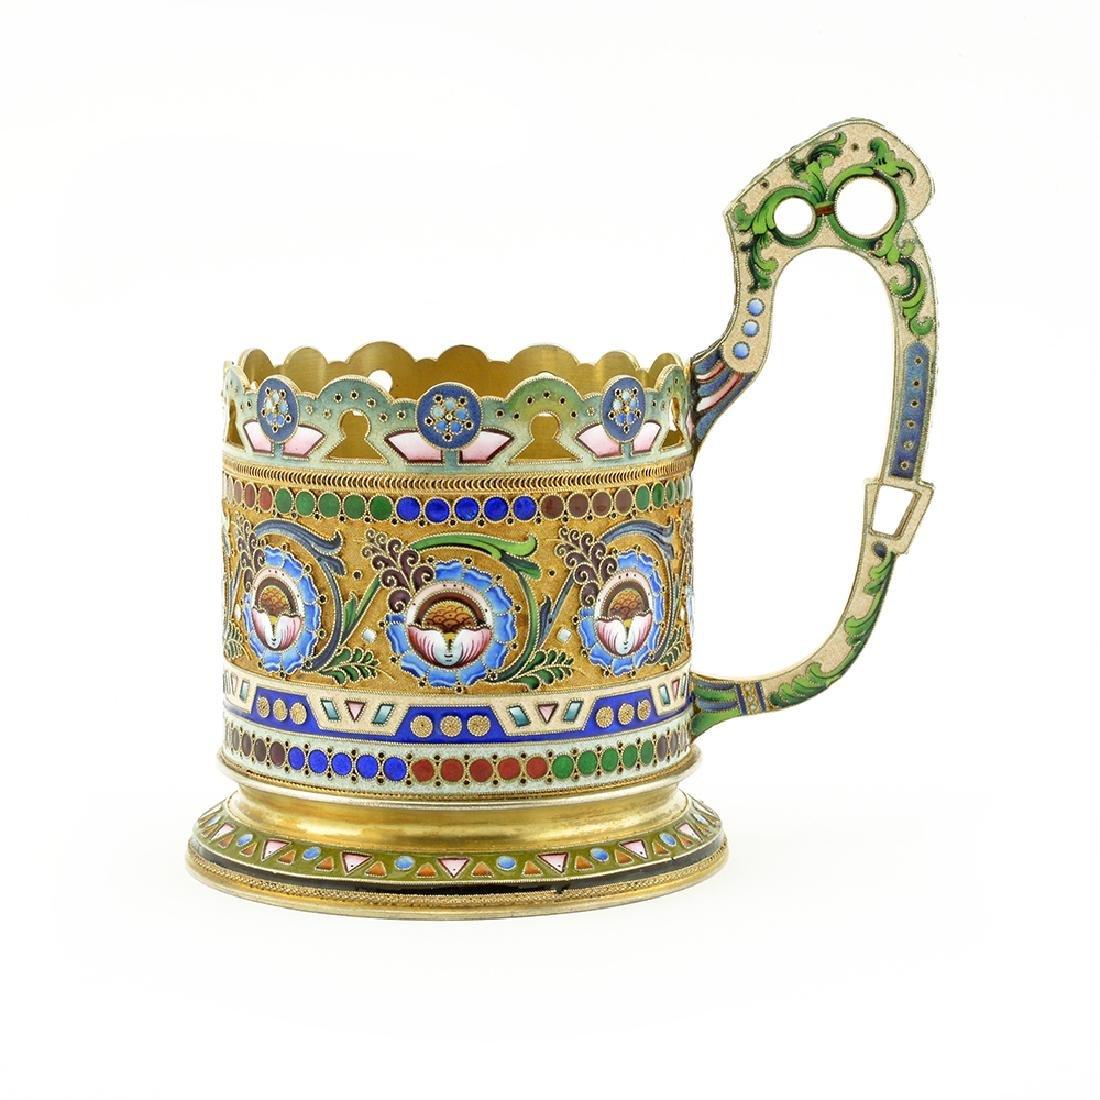 11th Artel shaded cloisonne enamel tea glass holder